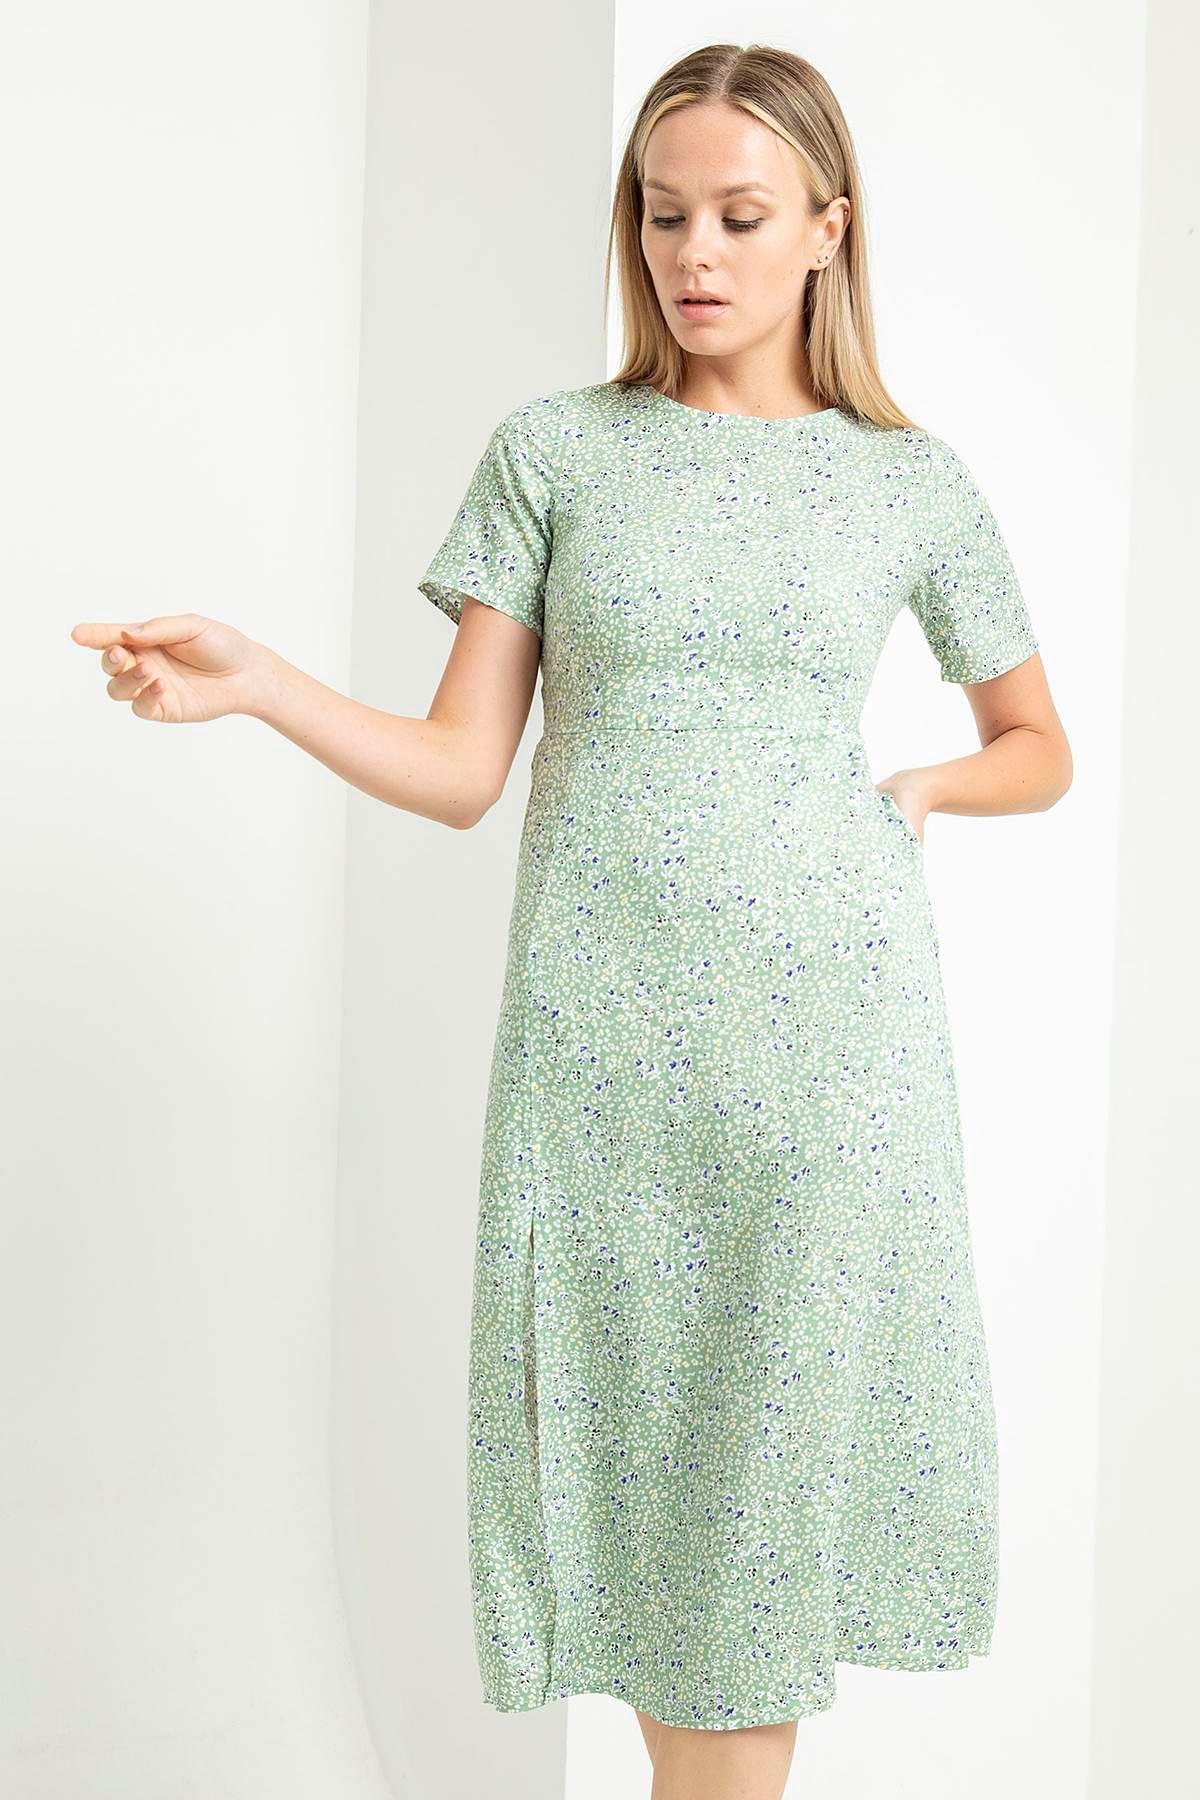 İnce Çıtır Desen Kısa Kol Elbise-Mint